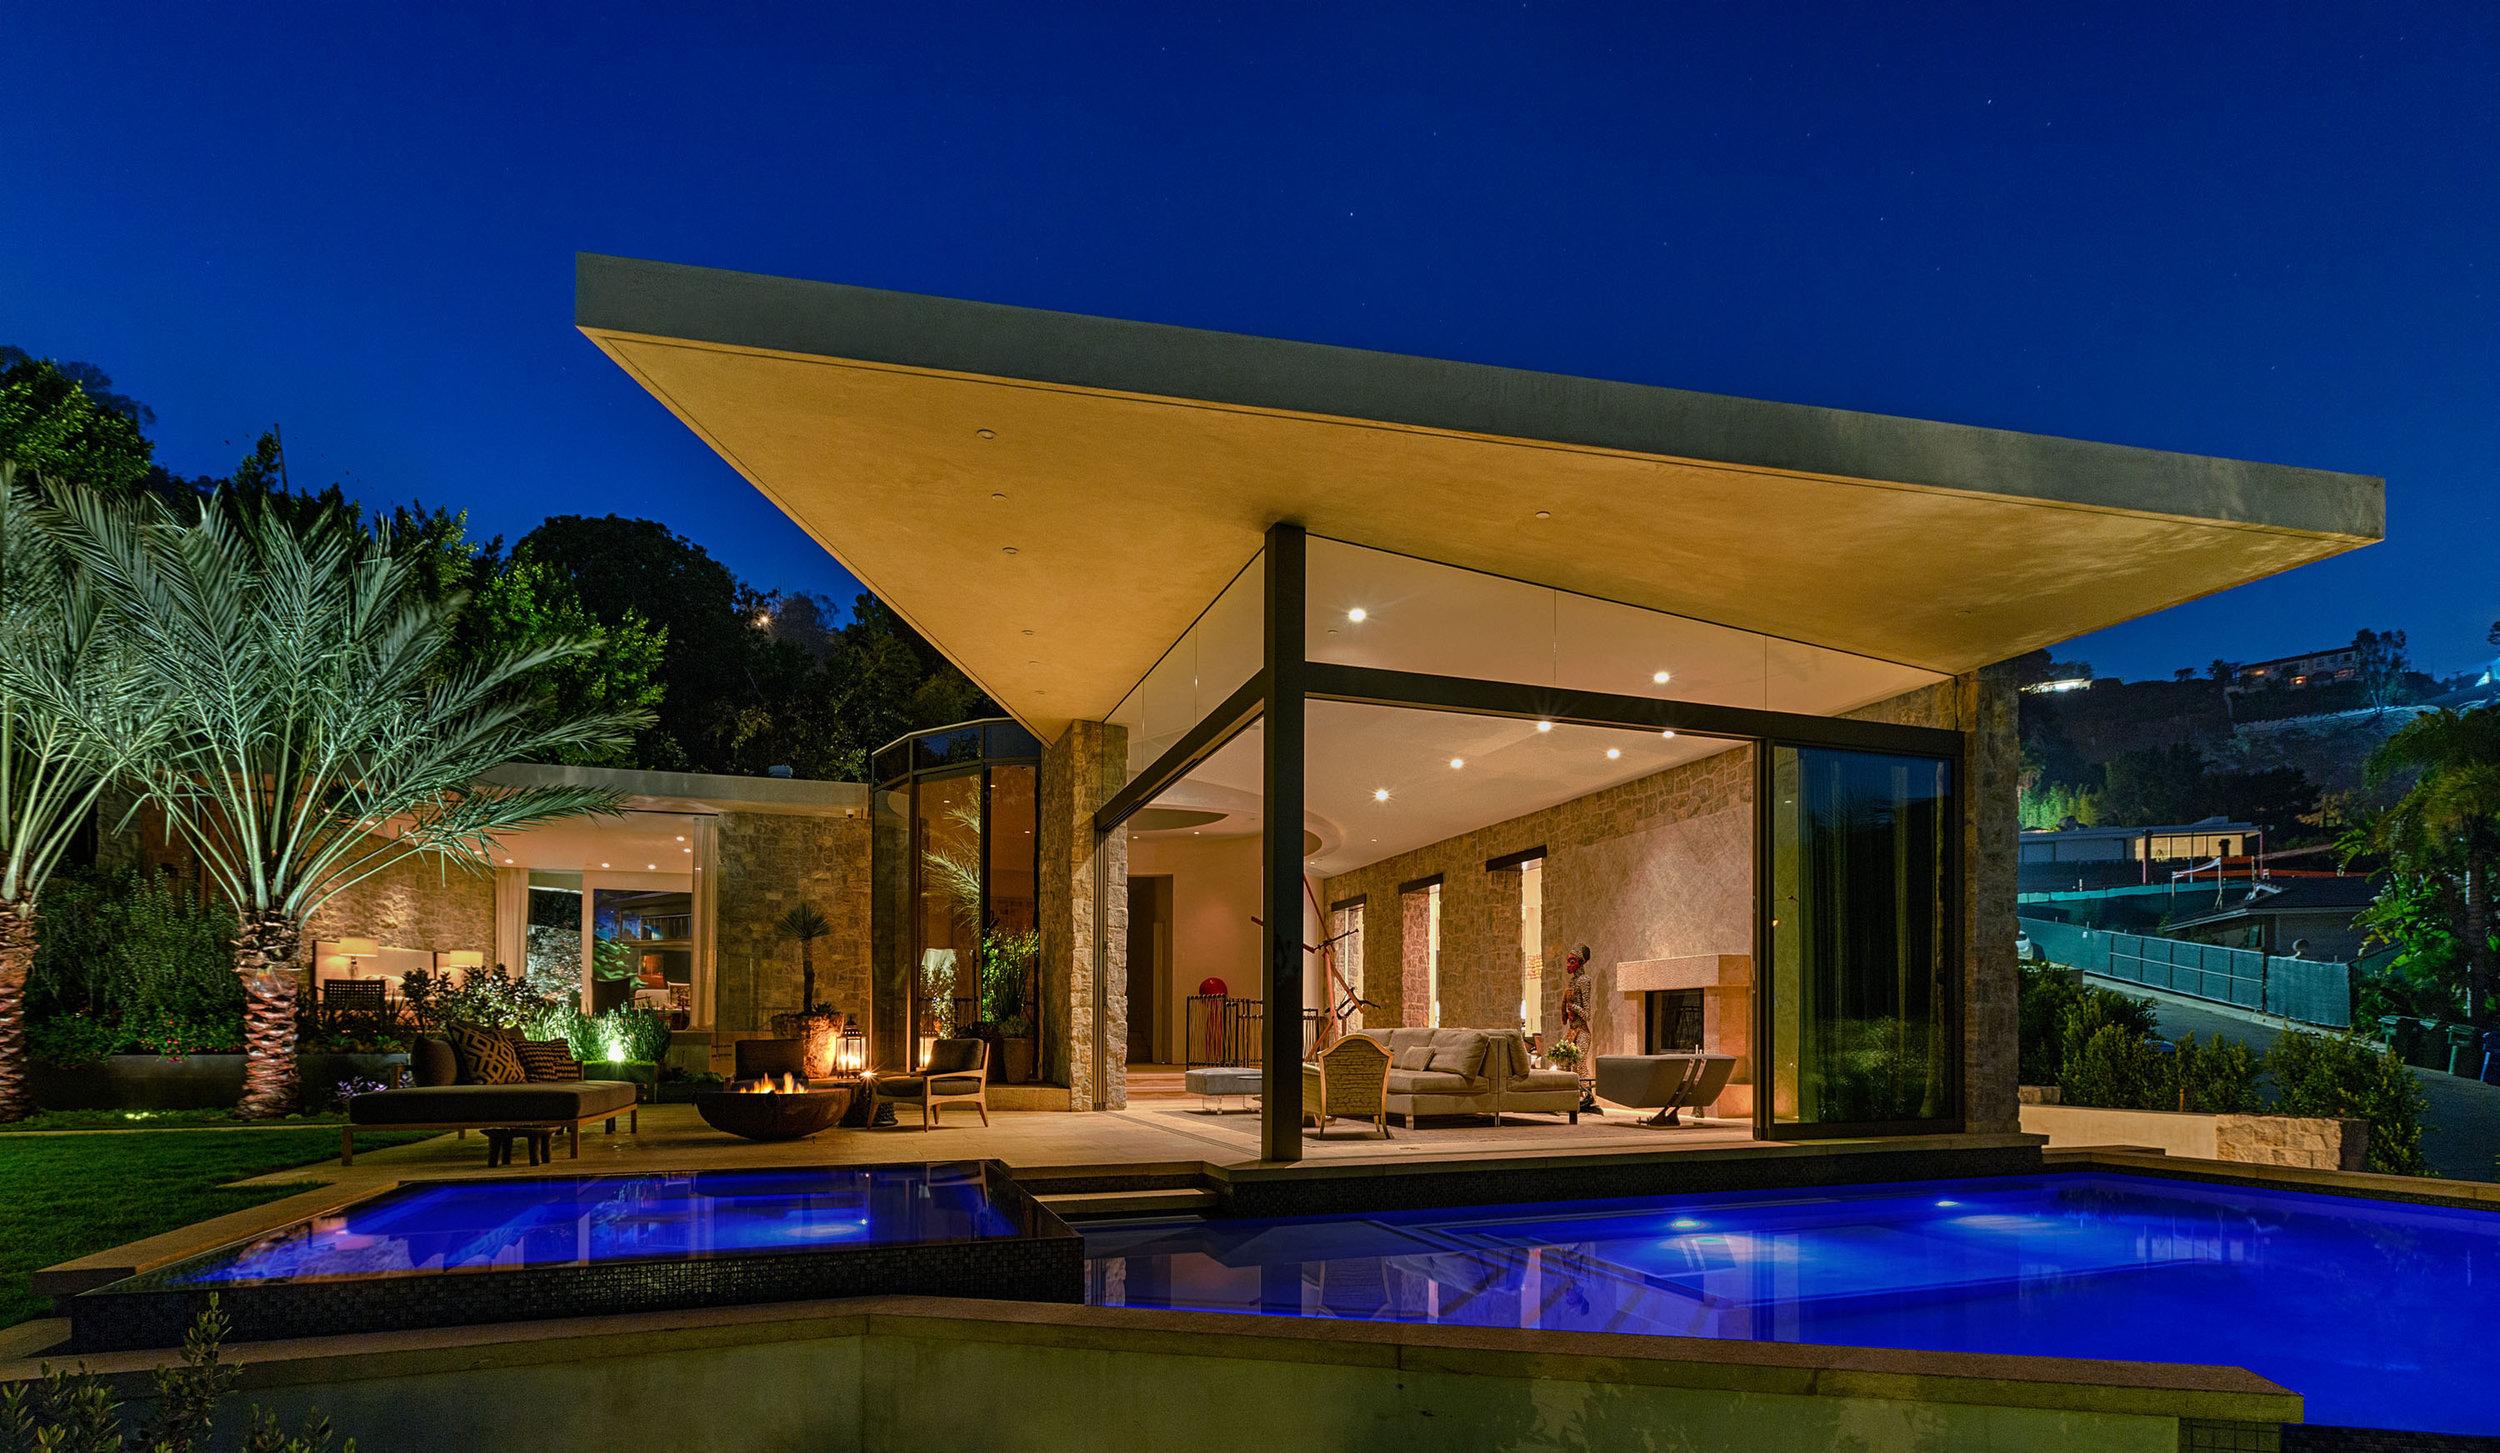 The Bayou House